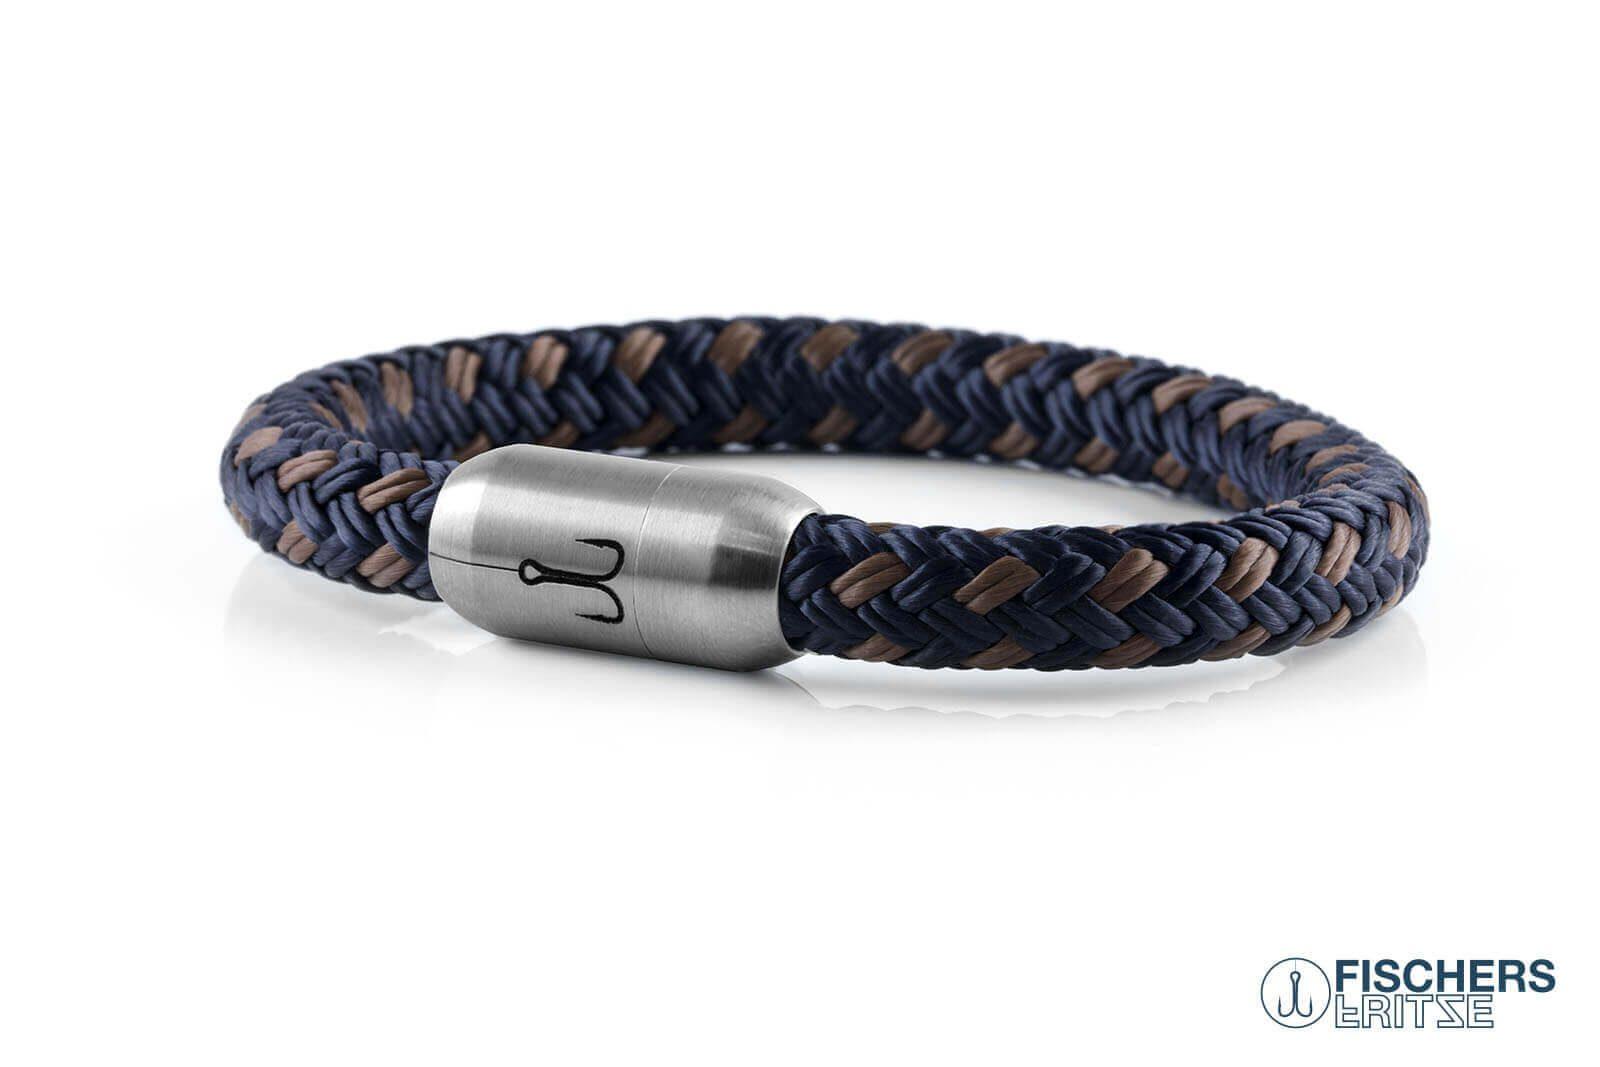 Armband marineblau silbergrau von Fischers Fritze, aus Segeltau